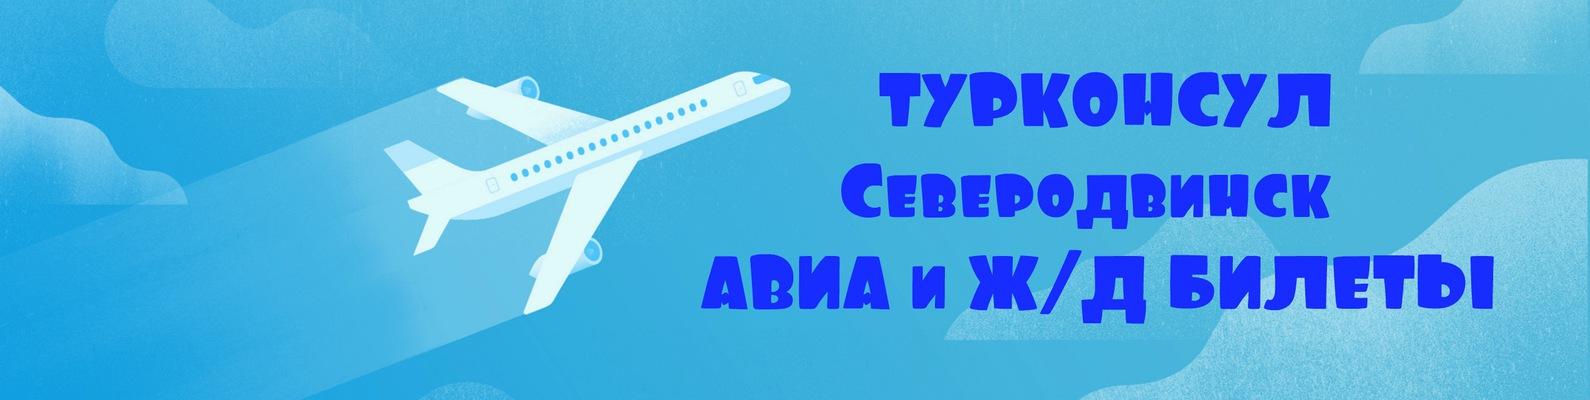 Билеты на самолет москва - нальчик по воинским требованиям купить билет на самолет до усть-илимска